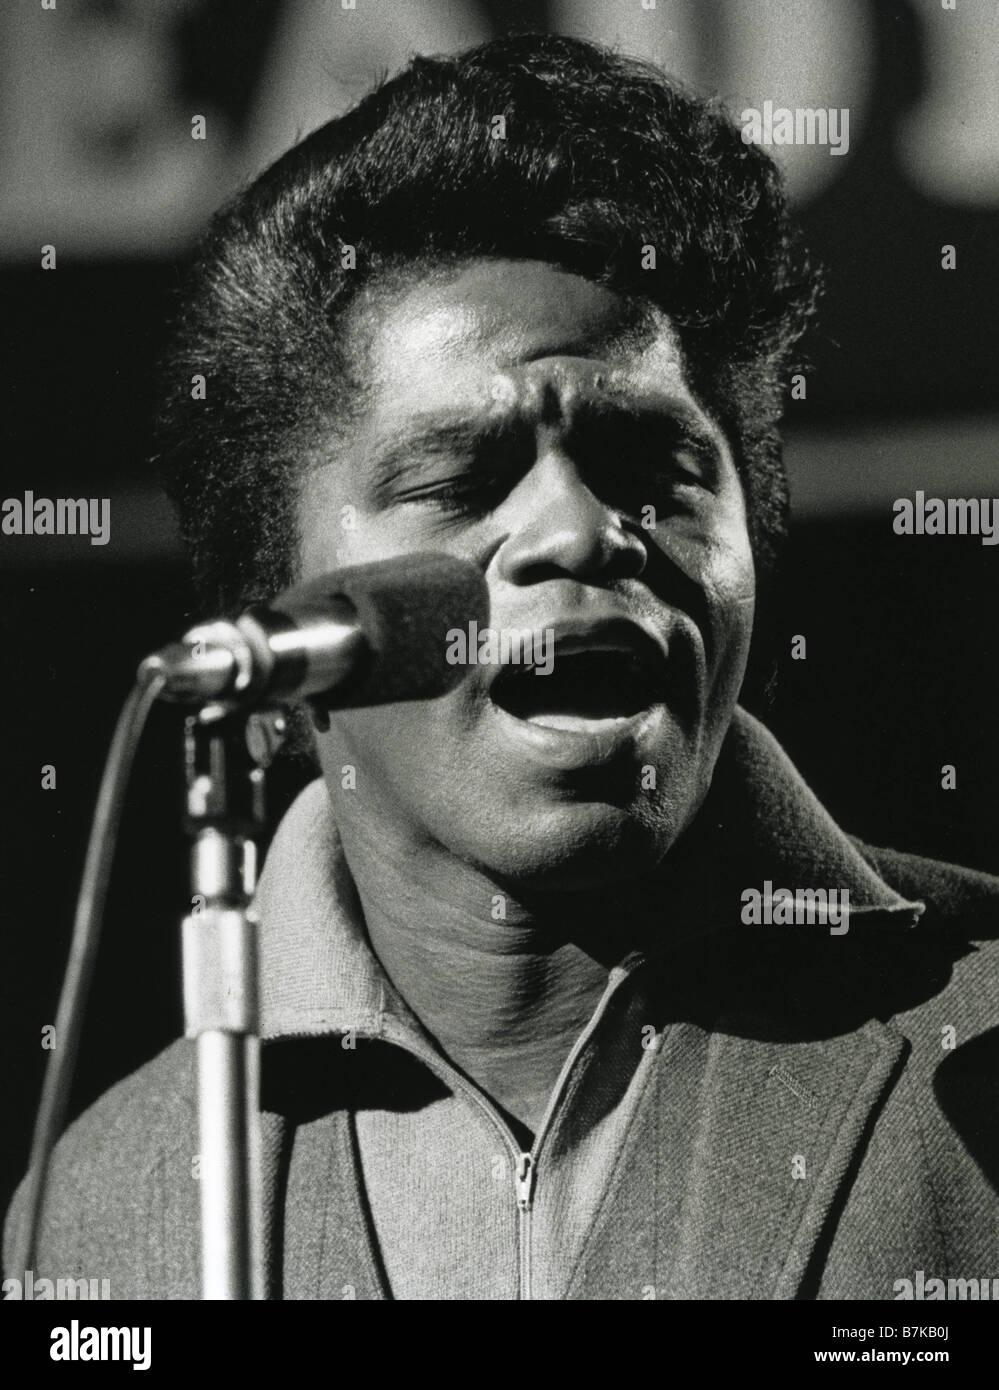 El cantante estadounidense James Brown en 1965 Imagen De Stock